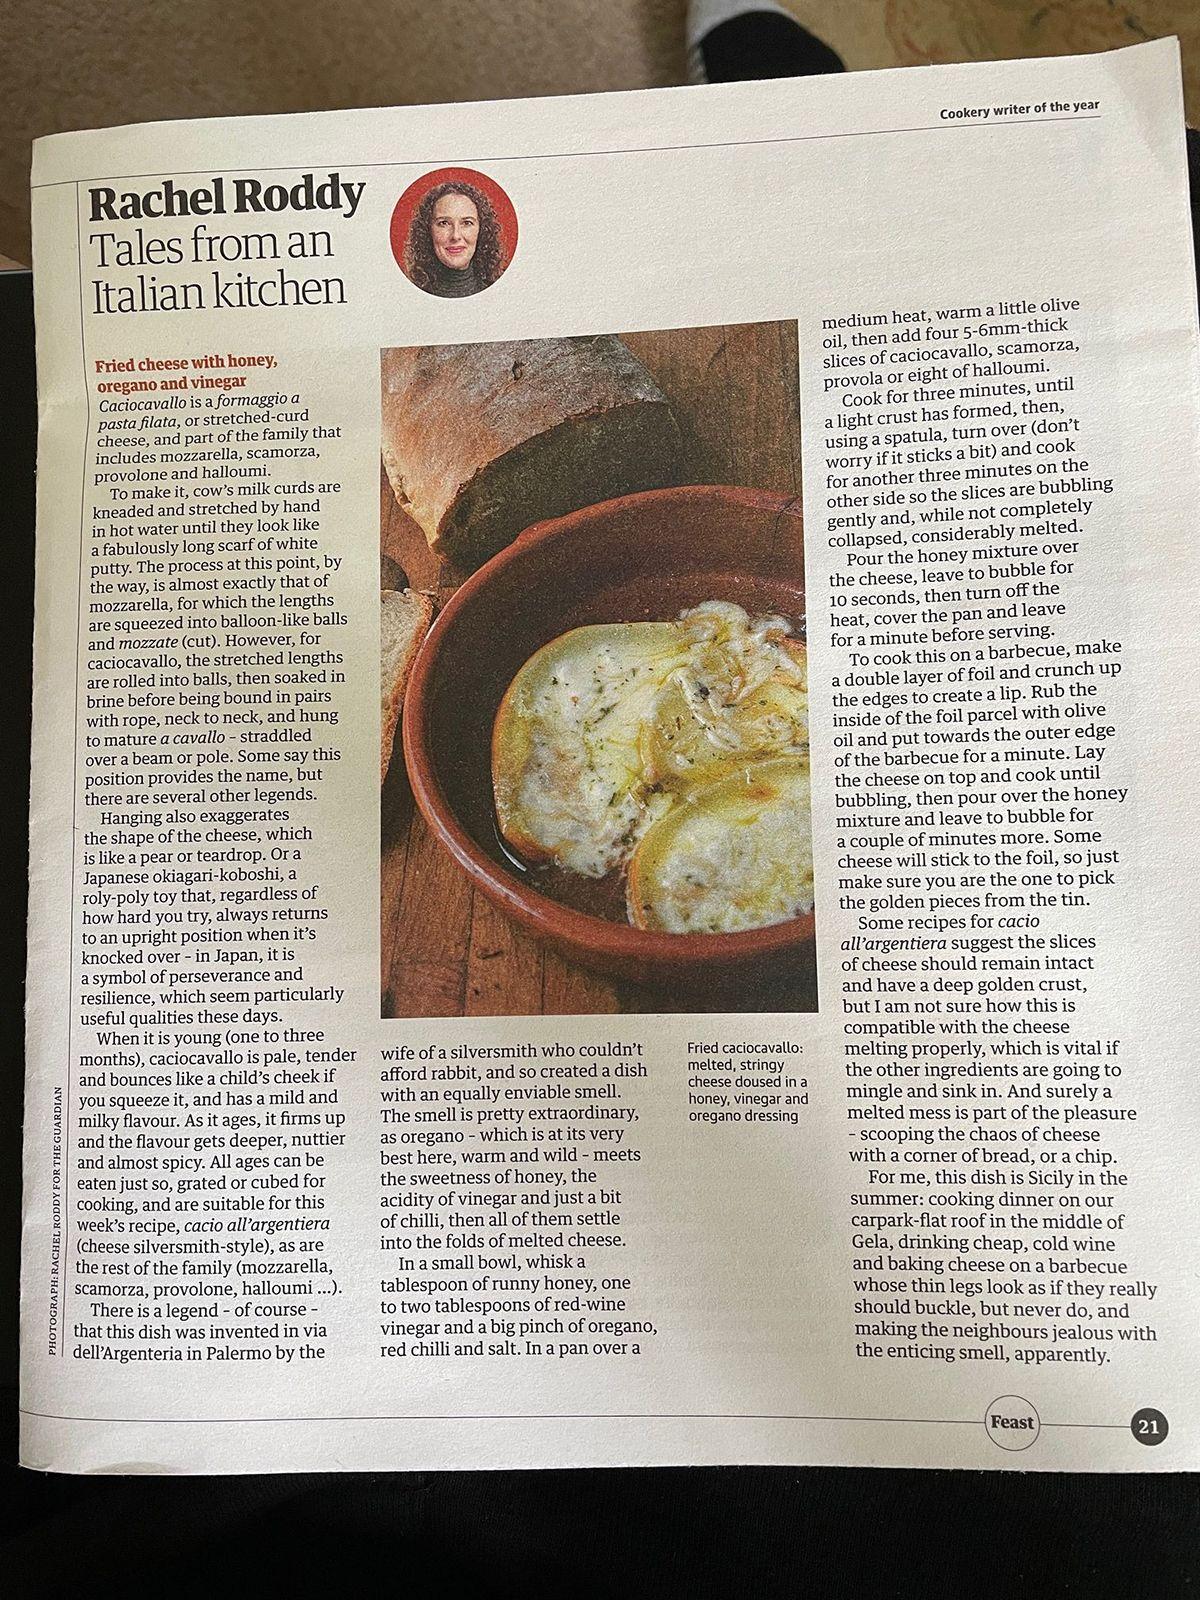 Original recipe in the Guardian